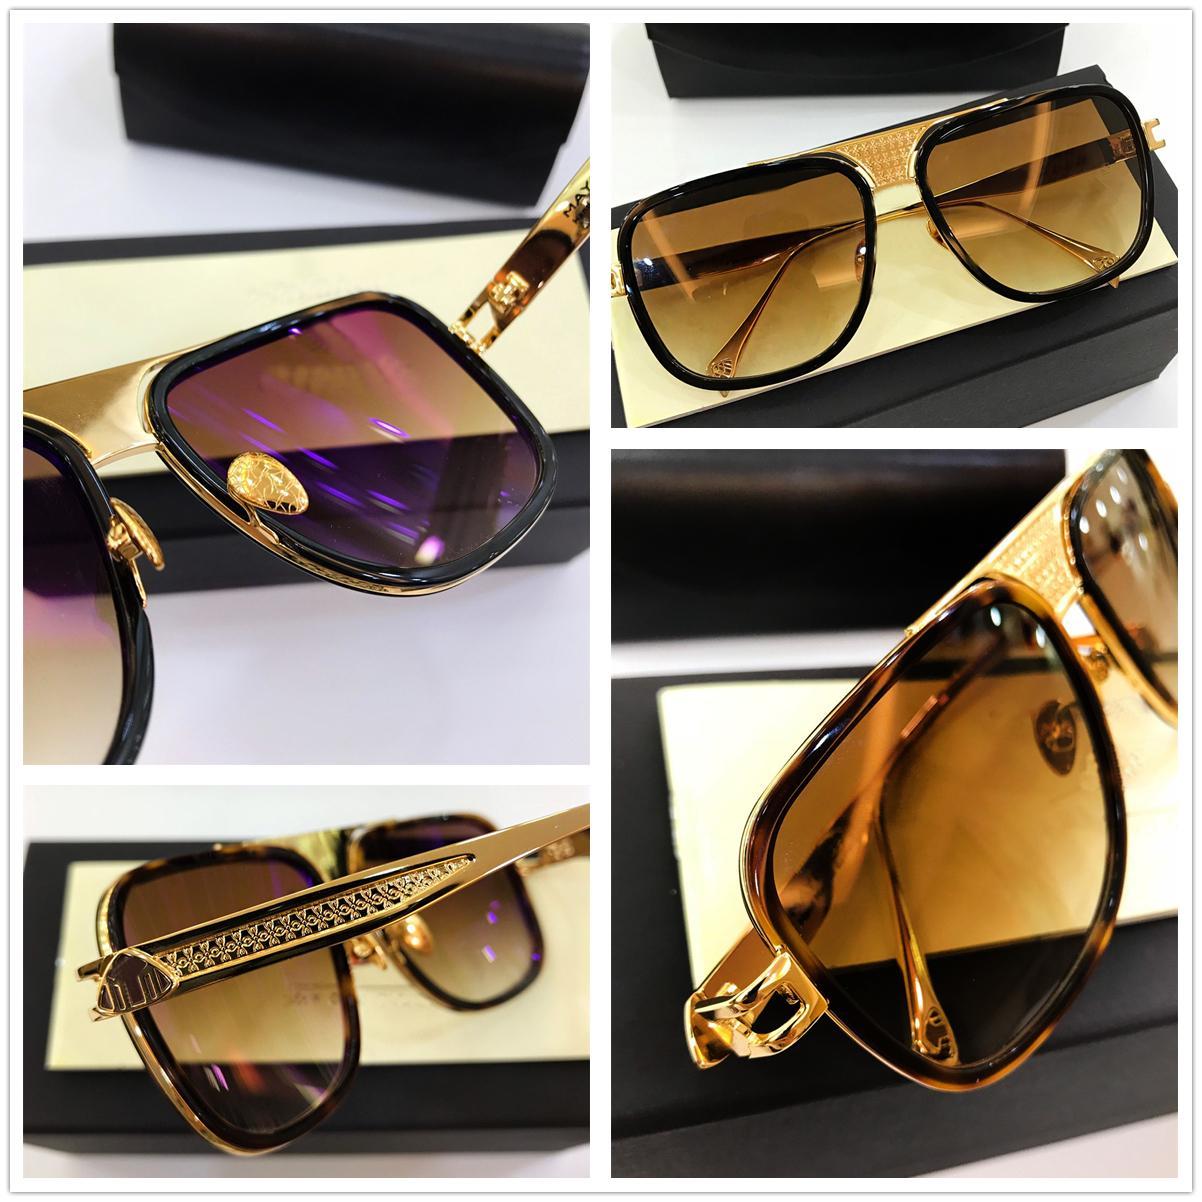 Vintage Mens Designer óculos de sol de luxo Designer óculos de sol do metal do ouro Quadro quadrado Lazer Moda Luxo Designer Homens Sunglases PREM